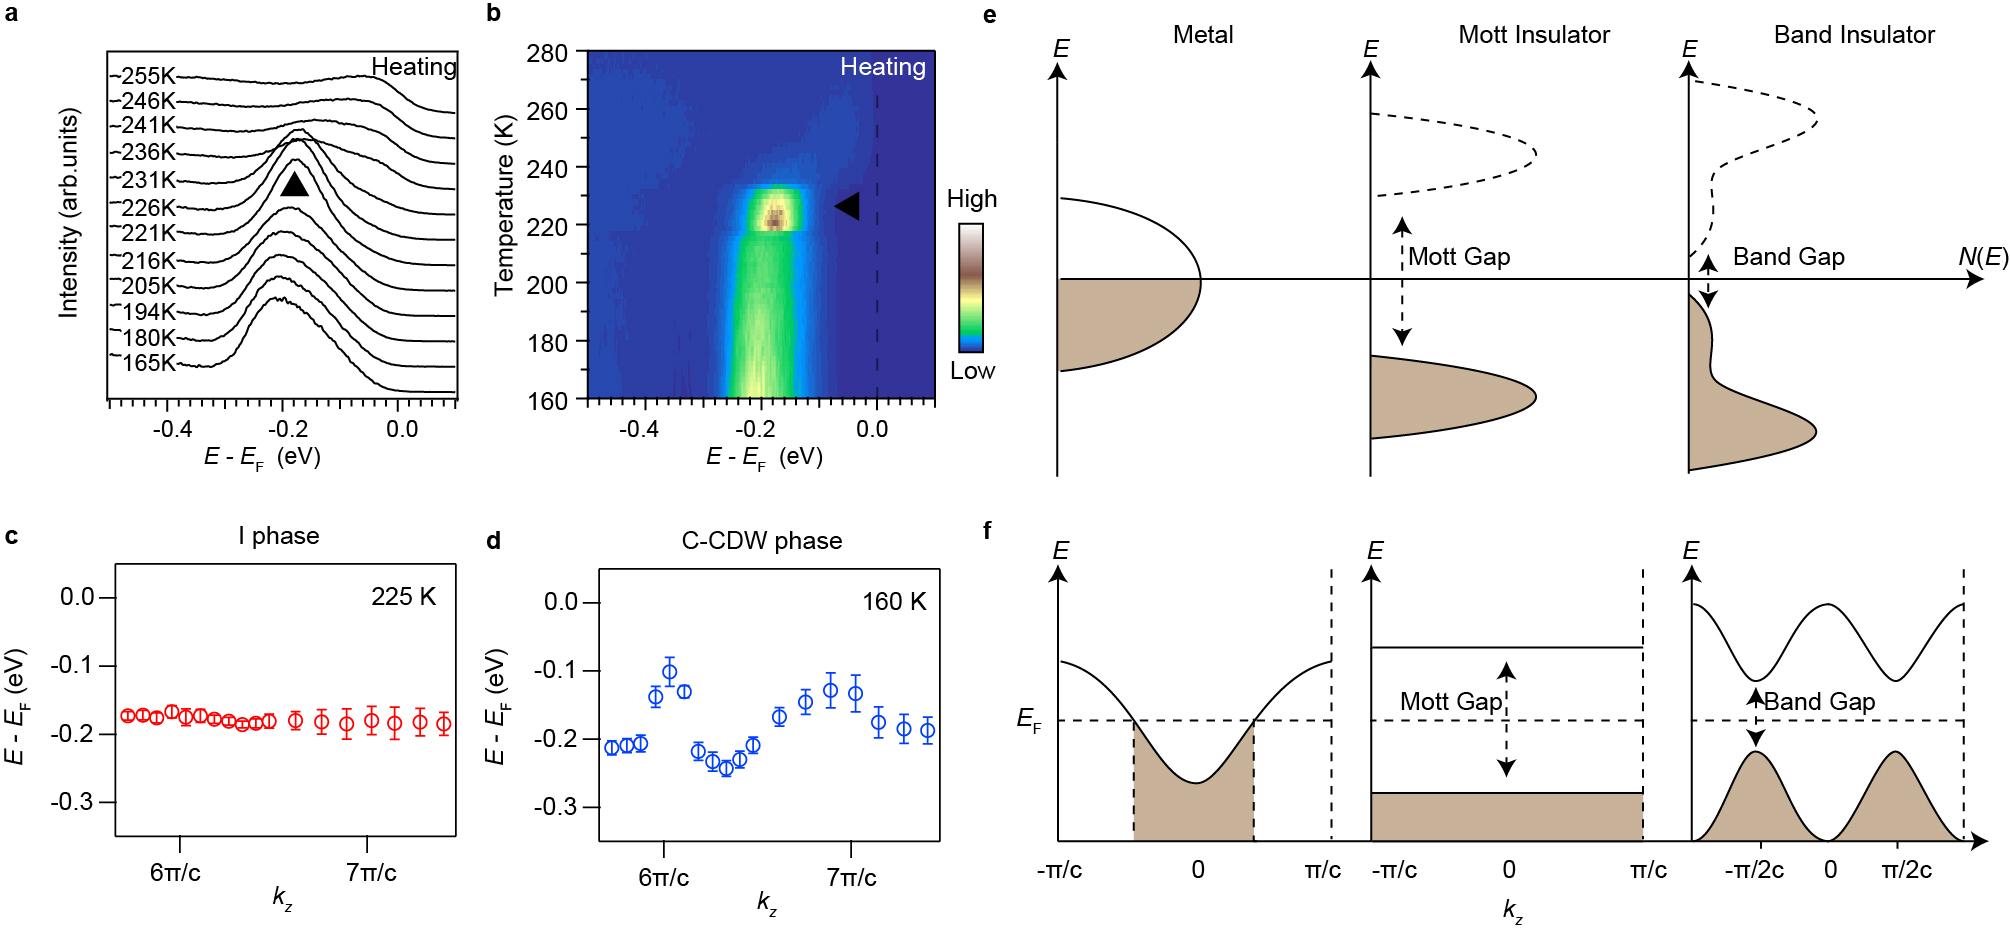 北京大学量子材料科学中心在1T-TaS2材料中发现的能带绝缘体到莫特绝缘体相变---图2:能带随温度演变的ARPES数据和示意图。a, b1T-TaS2在变温过程中G点附近的能量分布曲线和相应的温度依赖演化图;c, d 1T-TaS2在I态和C-CDW态的能带沿kz方向的色散;e, f1T-TaS2在不同电子态下的能带演化示意图